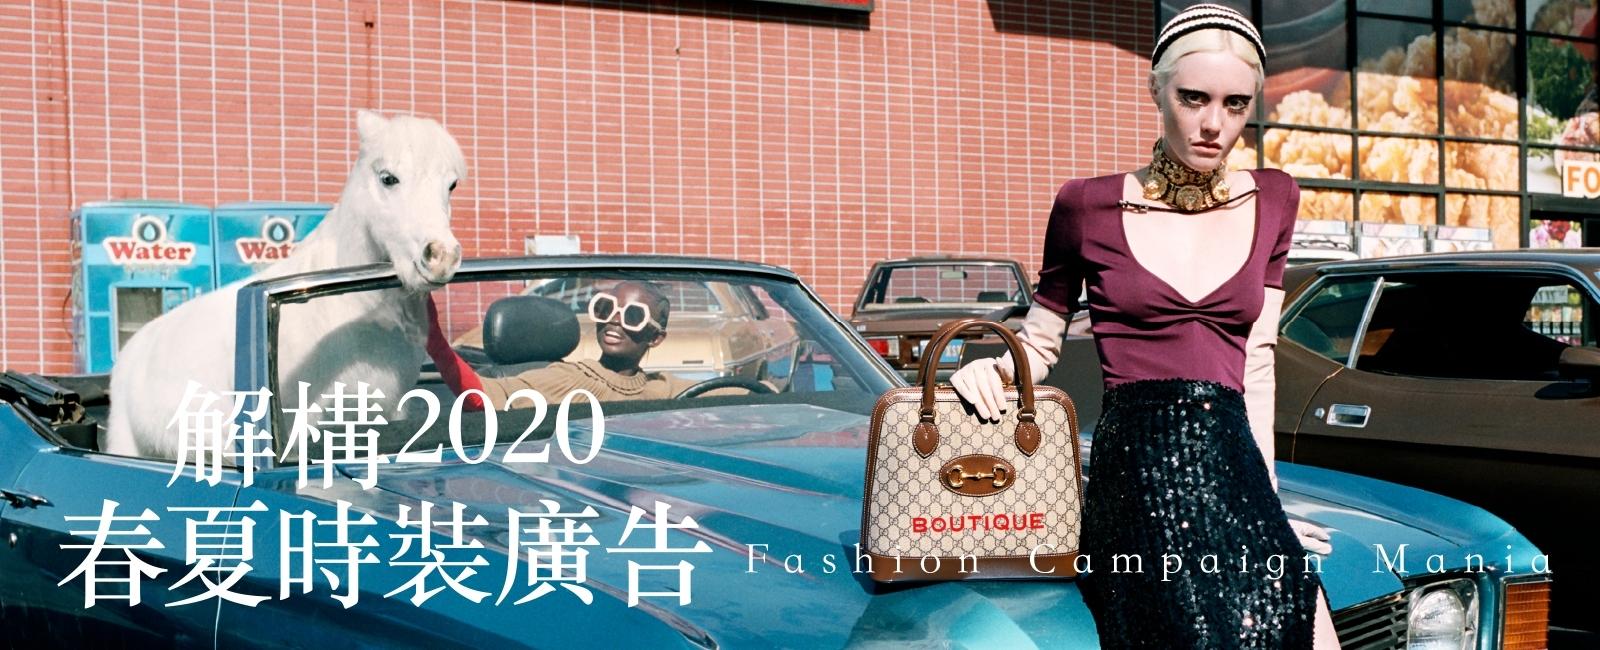 解構2020春夏時裝廣告